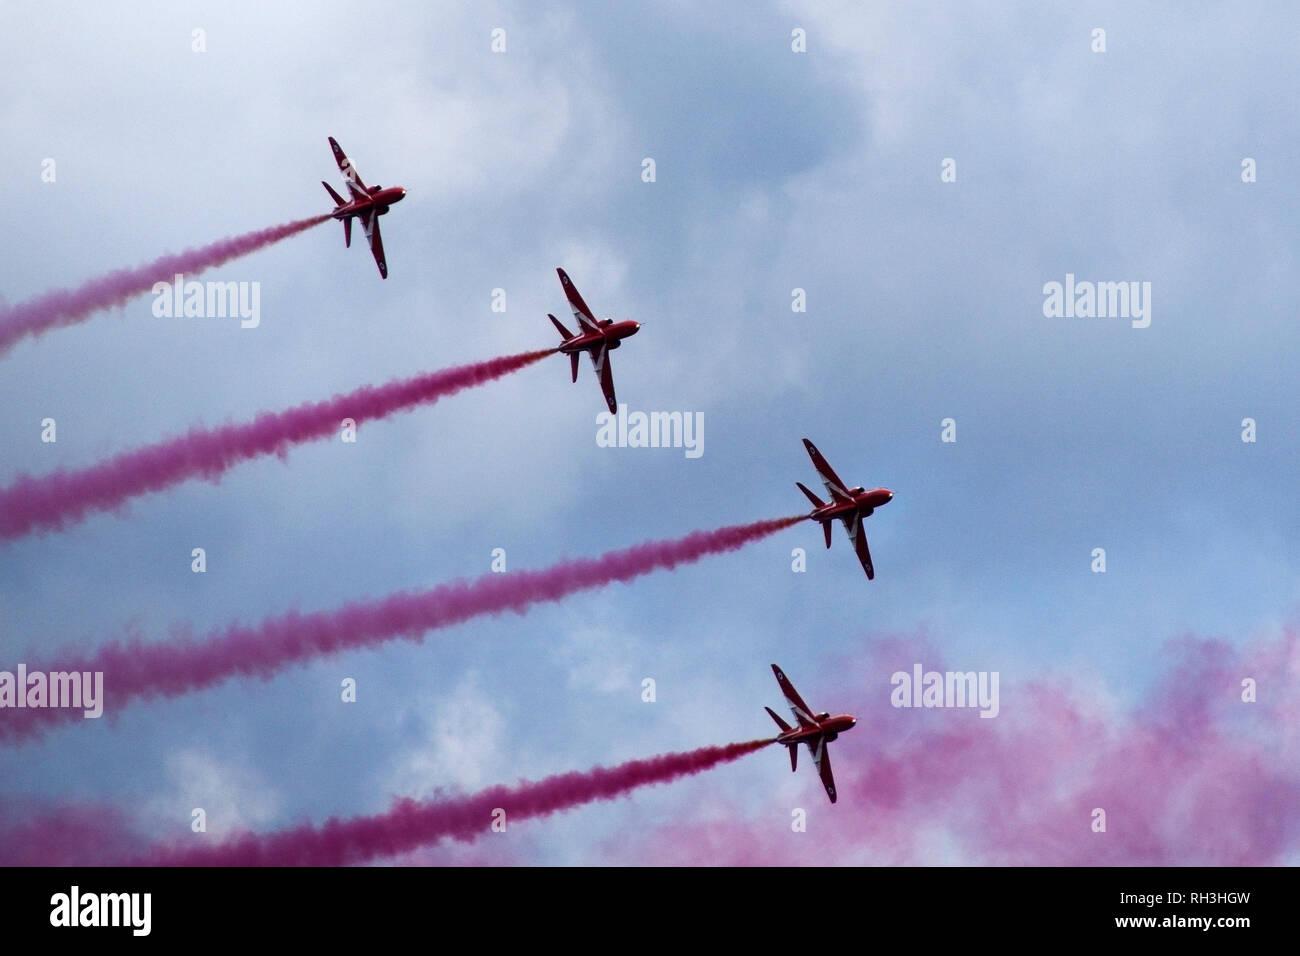 Die roten Pfeile in engen Formation während einer Flying Display auf Streitkräfte Tag fliegen. Ihre Geschicklichkeit und Präzision ist durch unaufhörliche Bohren und p erhältlich Stockbild